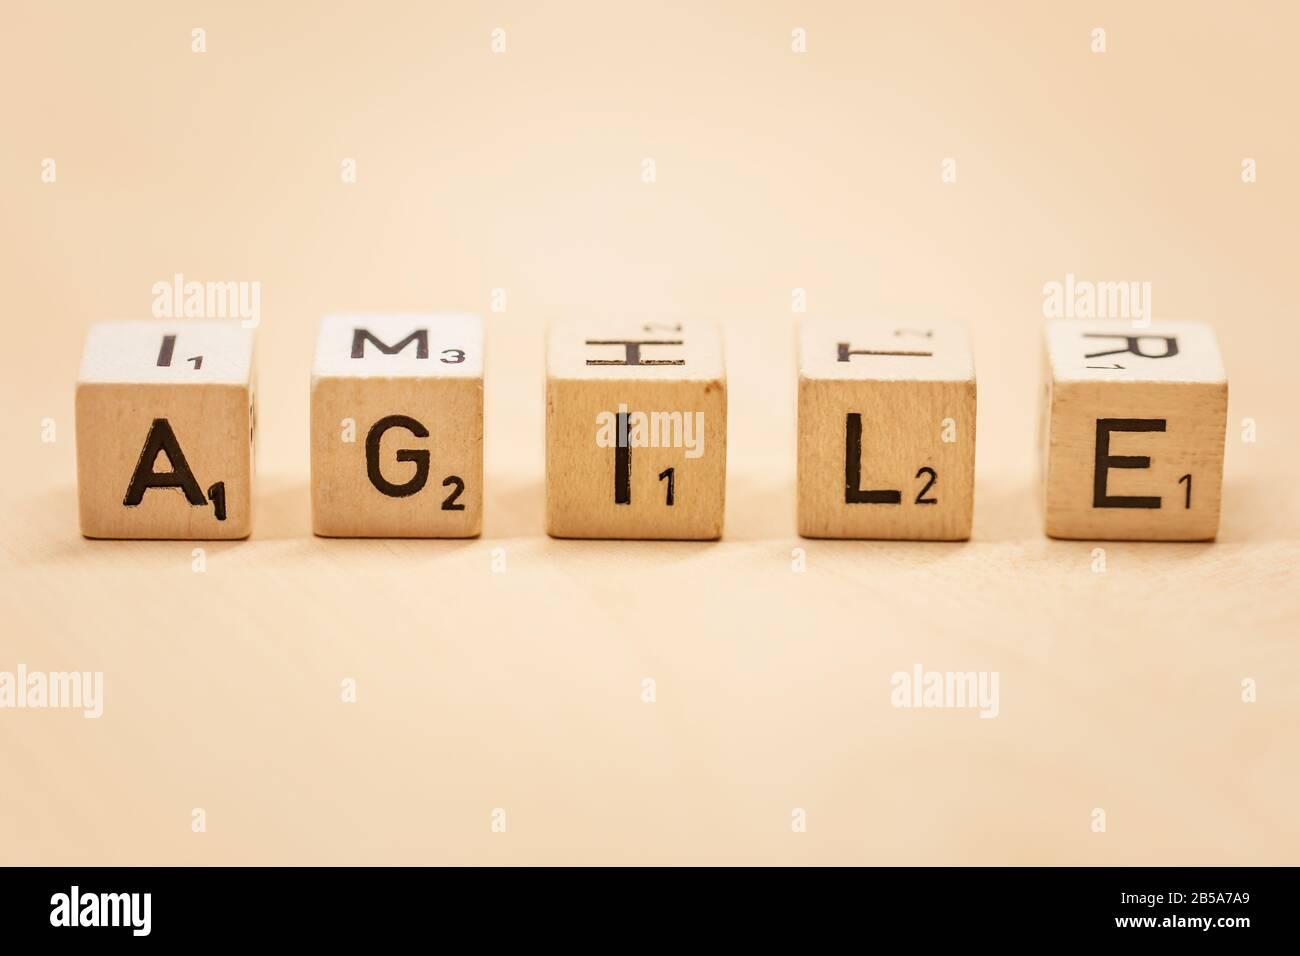 Primer plano de la palabra Agile en bloques de madera, concepto de fondo Foto de stock